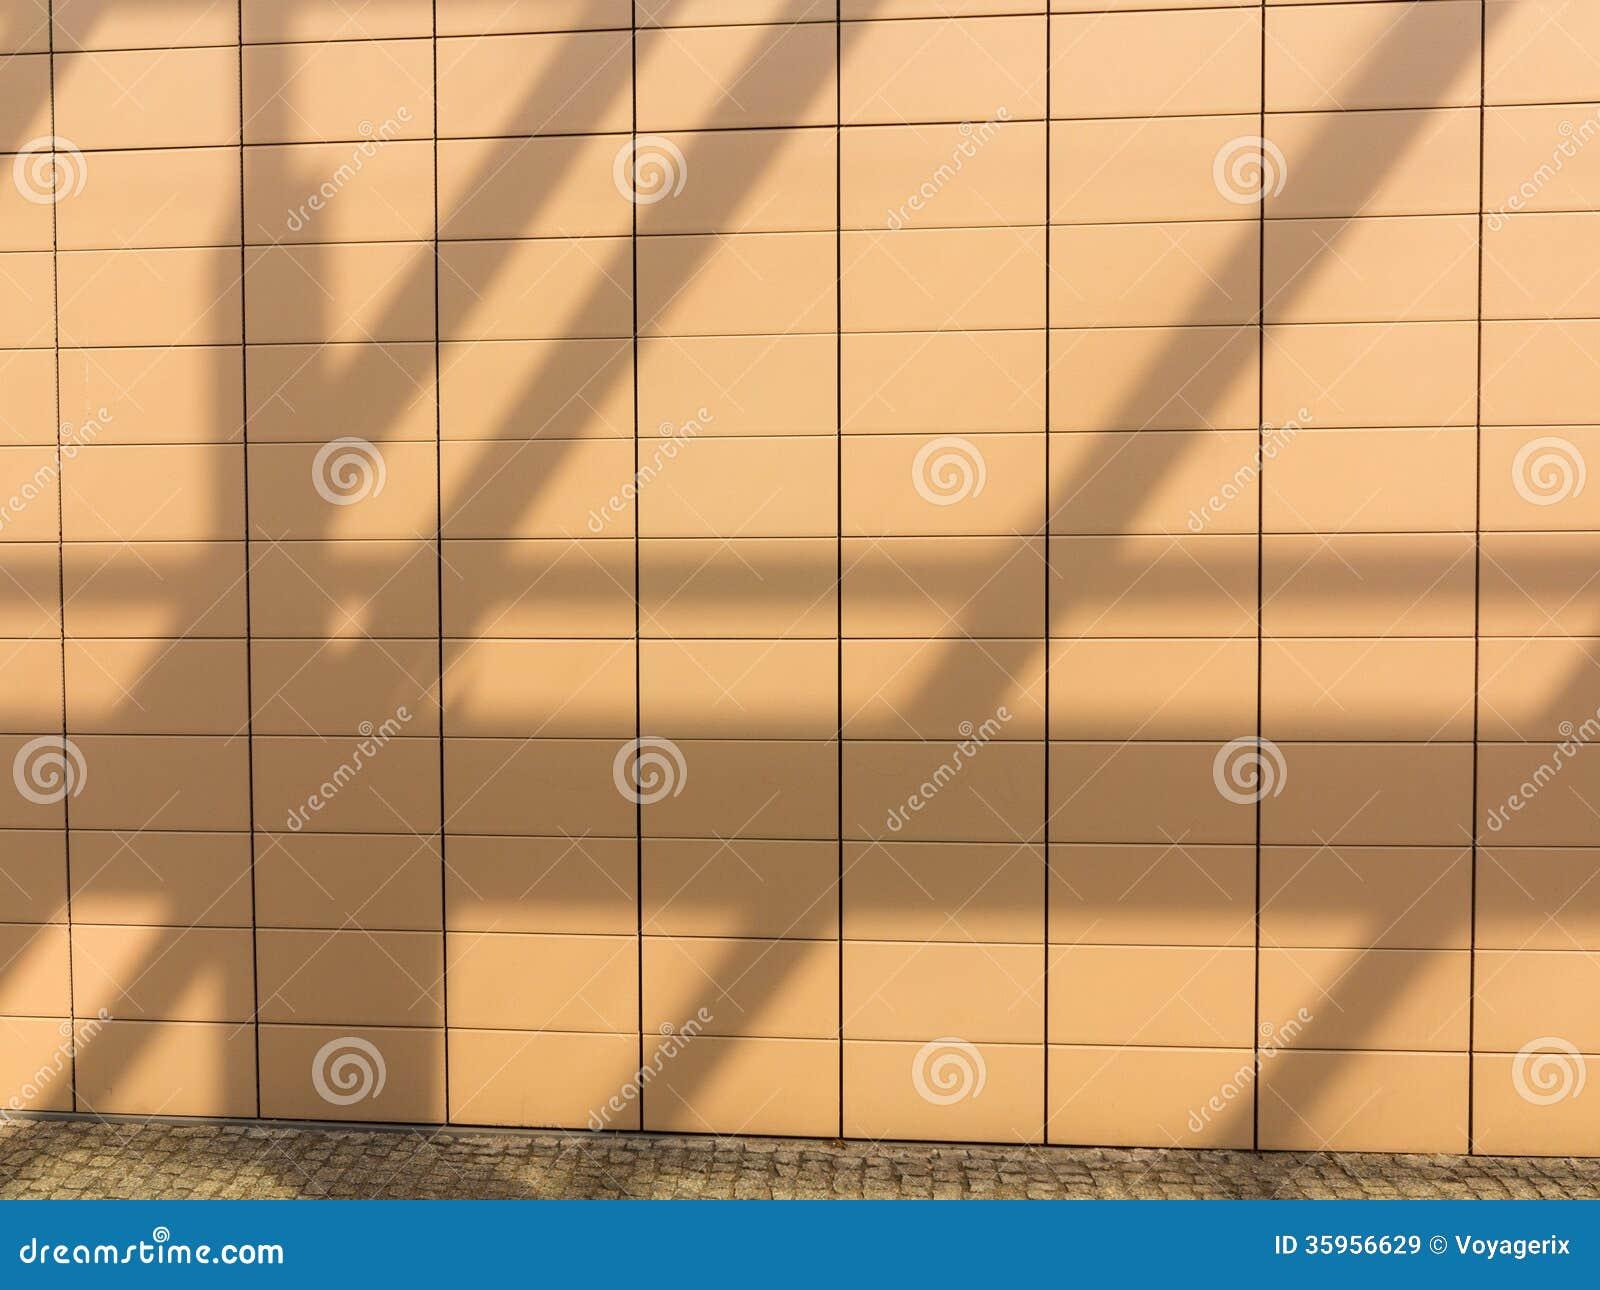 Sombras en fondo tejado anaranjado de la pared. Copyspace en blanco. Real.